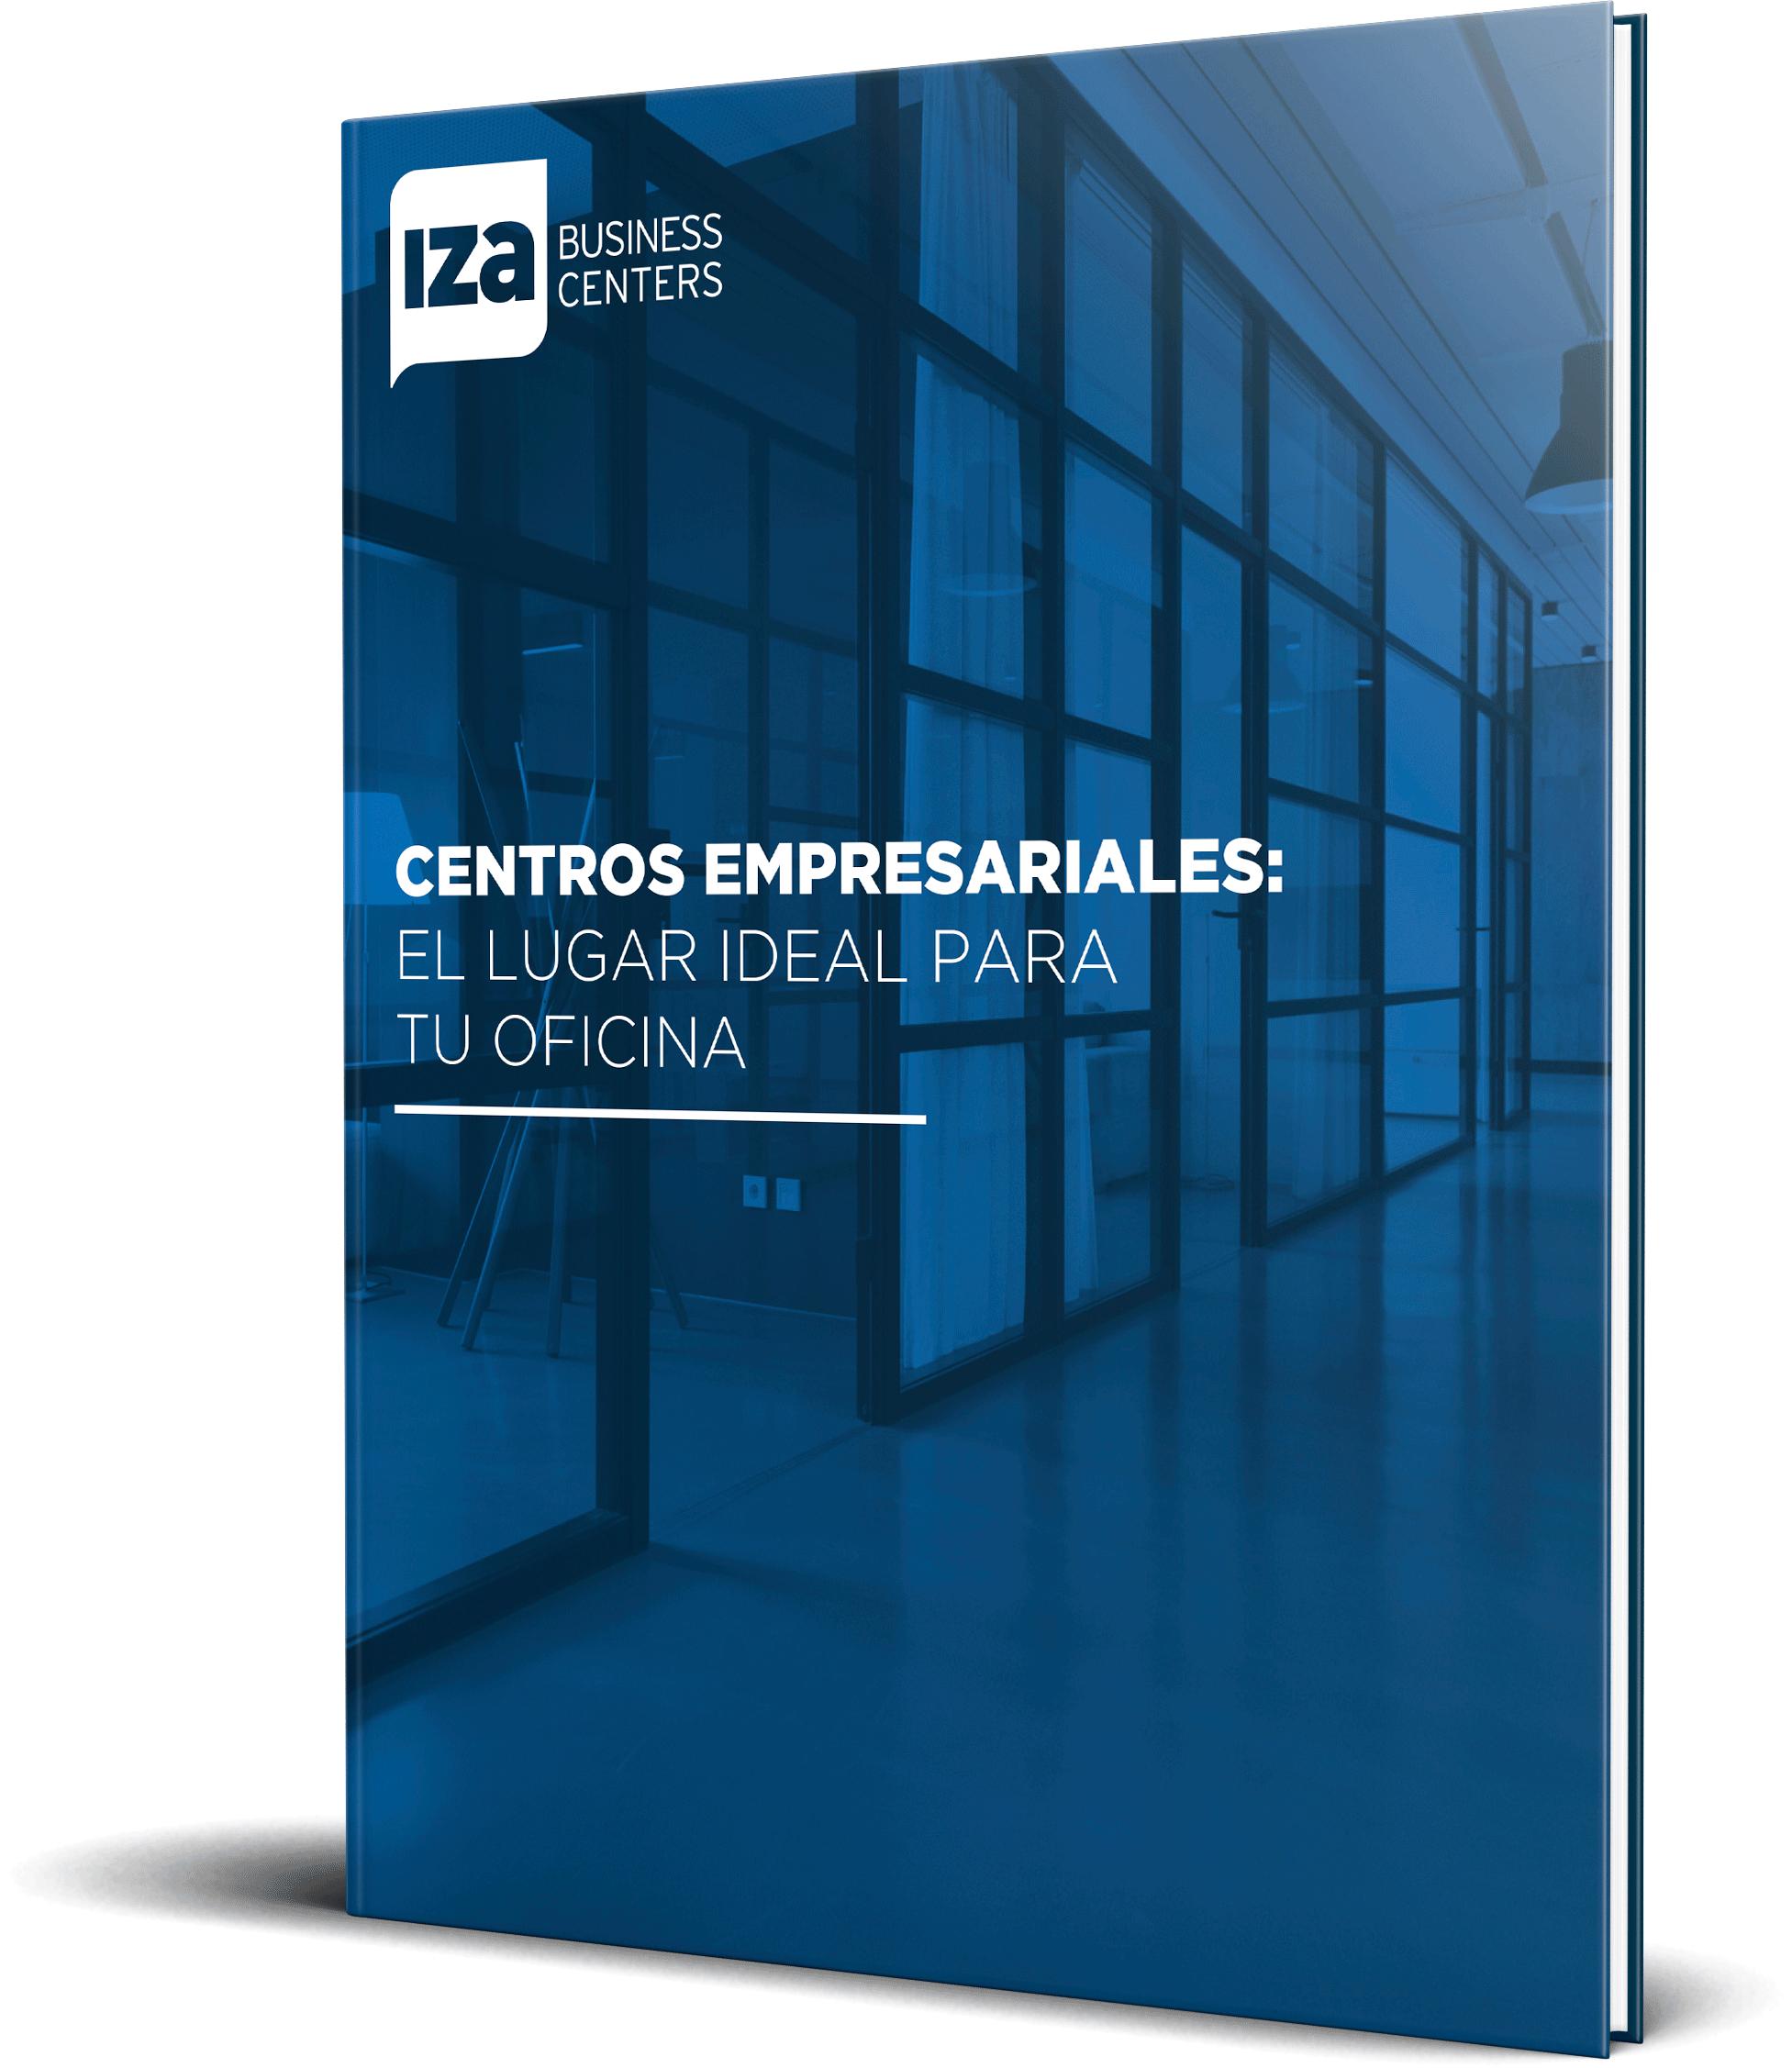 centros-empresariales-lugar-ideal-para-tu-oficina